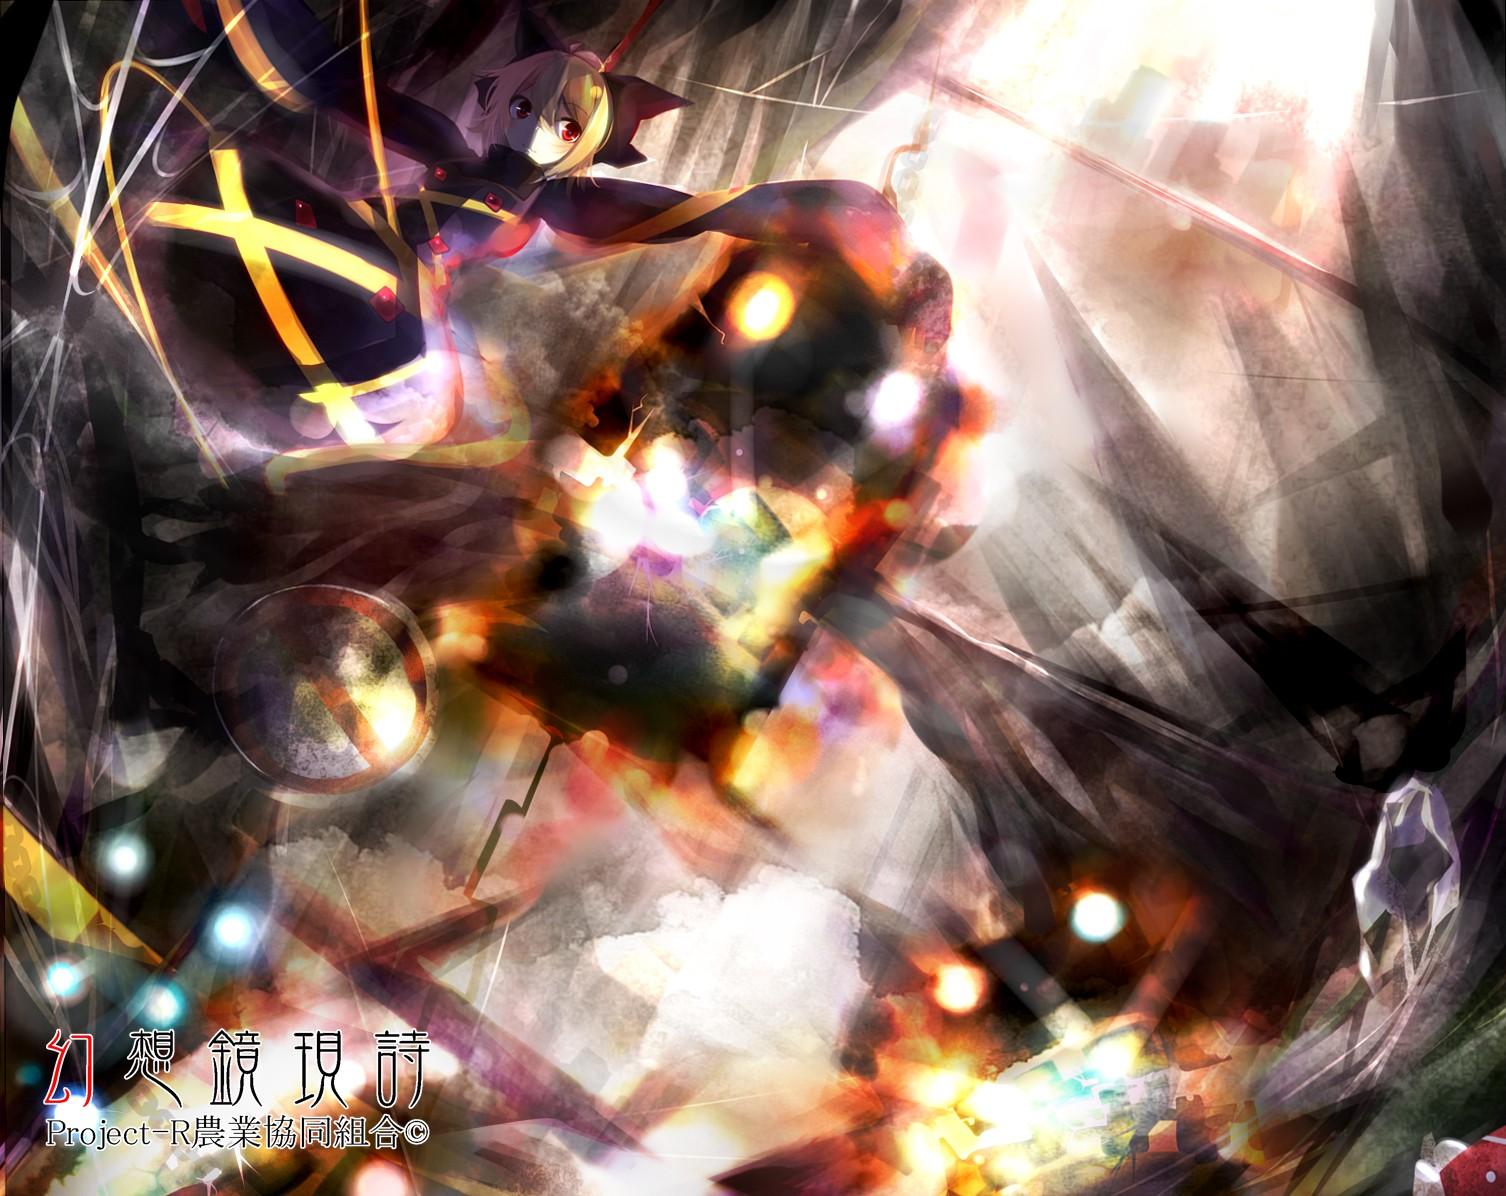 Art ID: 112678